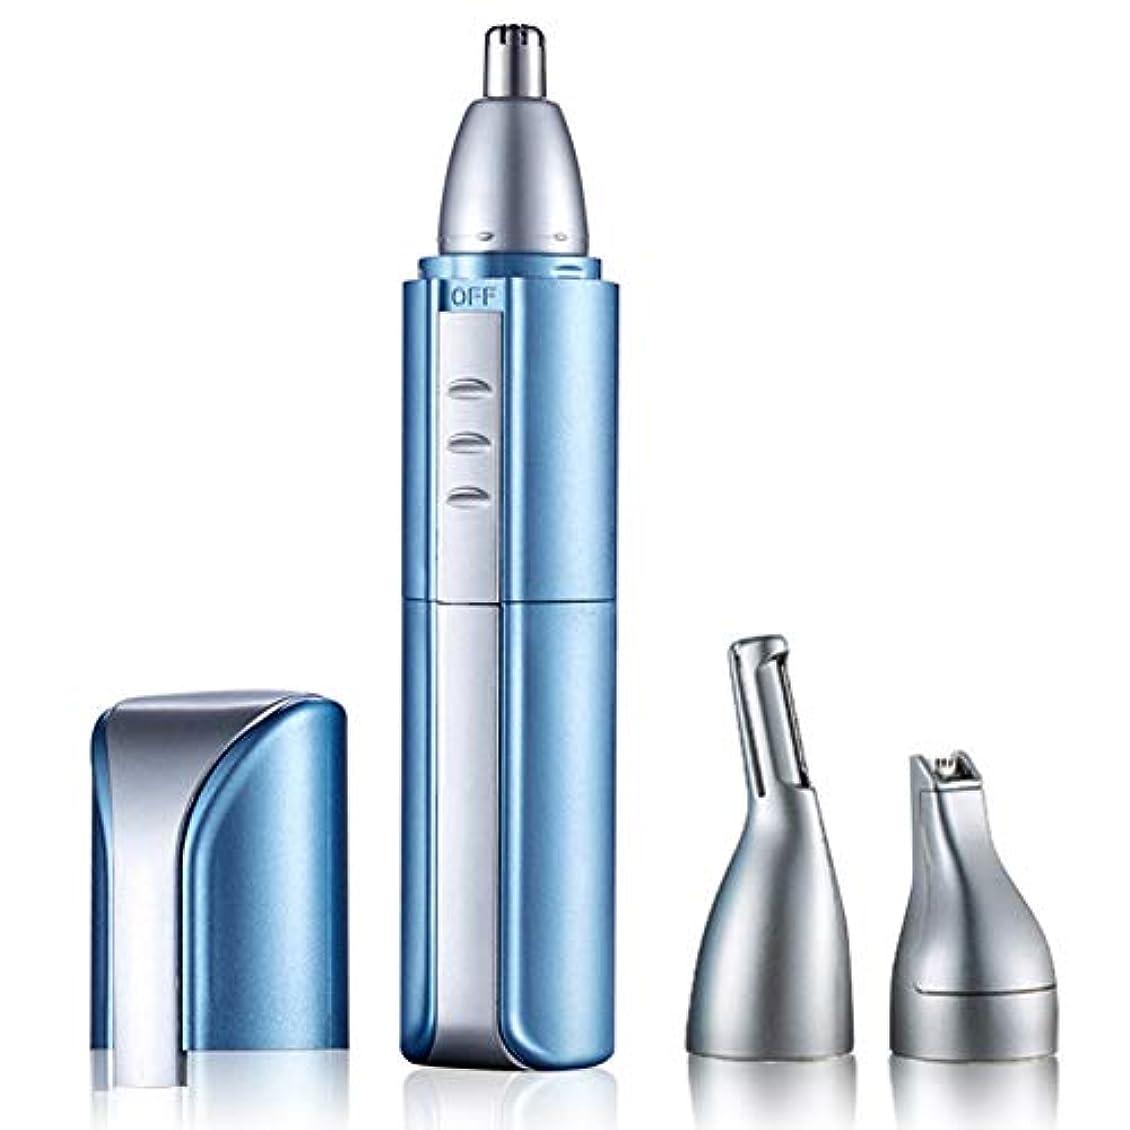 スキー有毒アルコーブ男性/女性の顔のケア、洗える乾いた乾いた二重使用のための鼻のヘアトリマー3-in-1鼻の耳と眉毛のヘアトリマー(USB充電式)